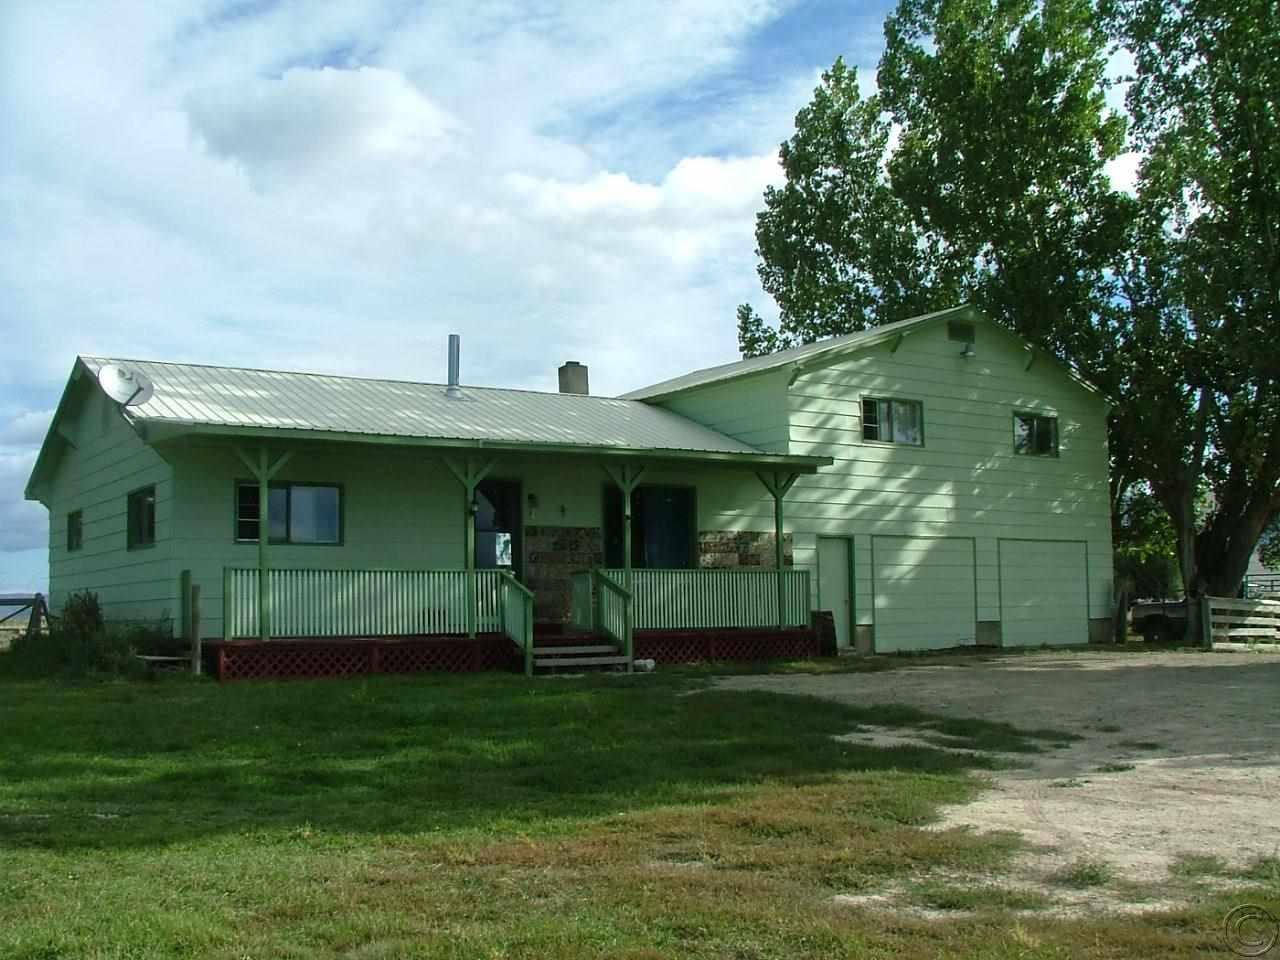 Real Estate for Sale, ListingId: 36850078, Hot Springs,MT59845